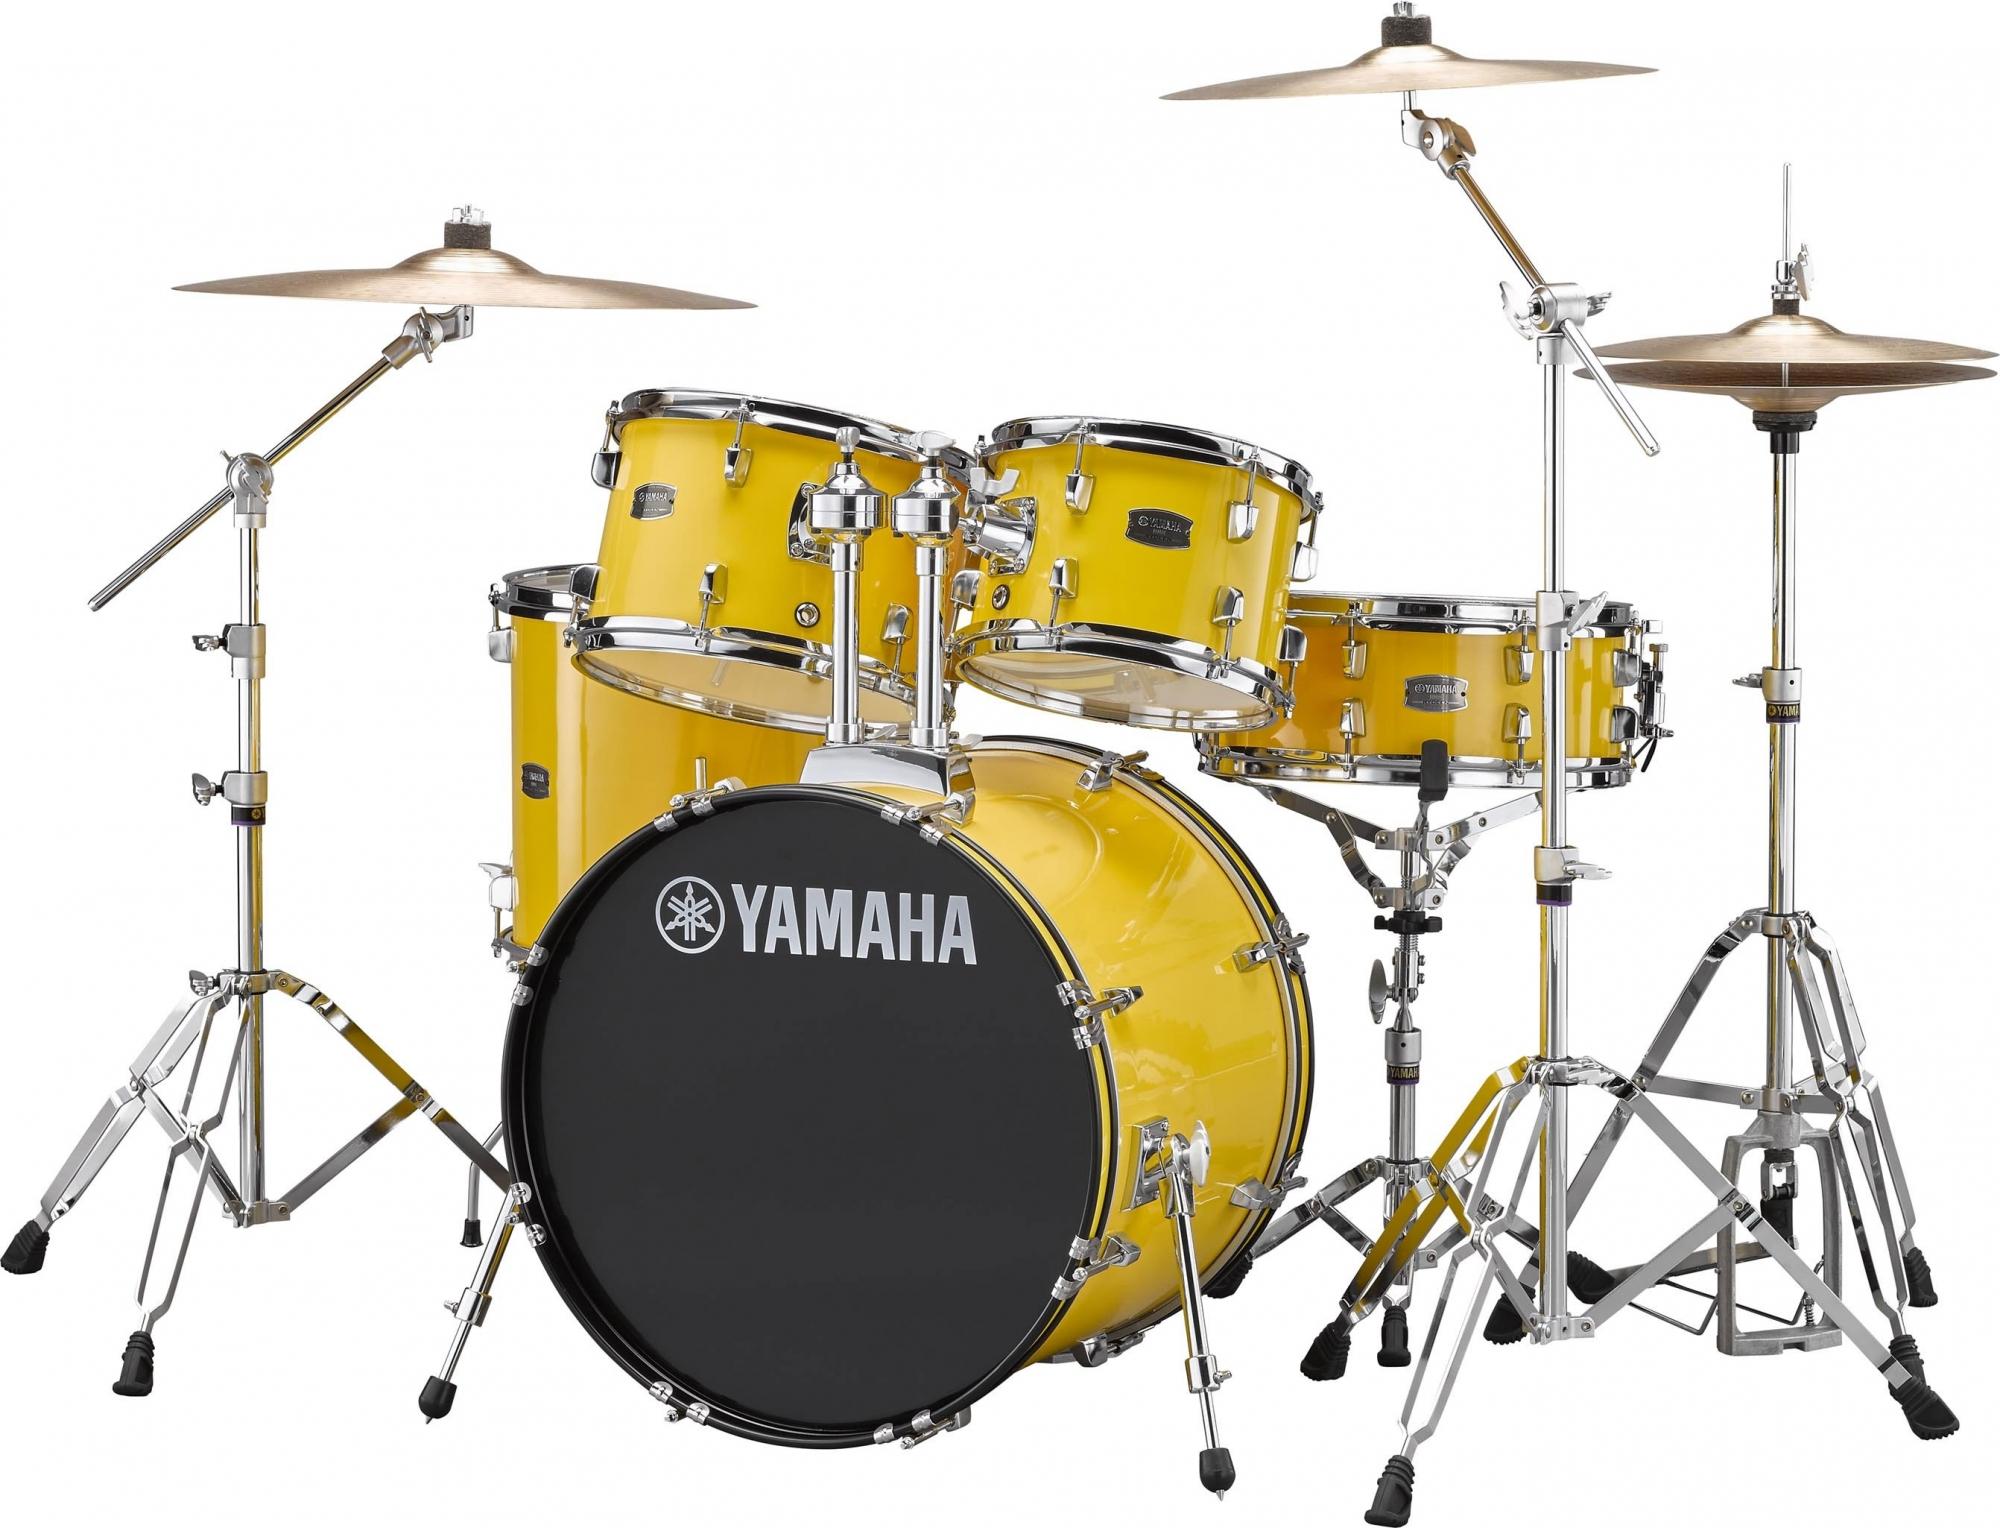 Yamaha RYDEEN Standard Trommesæt - inkl. bækkener & hardware Mellow Yellow